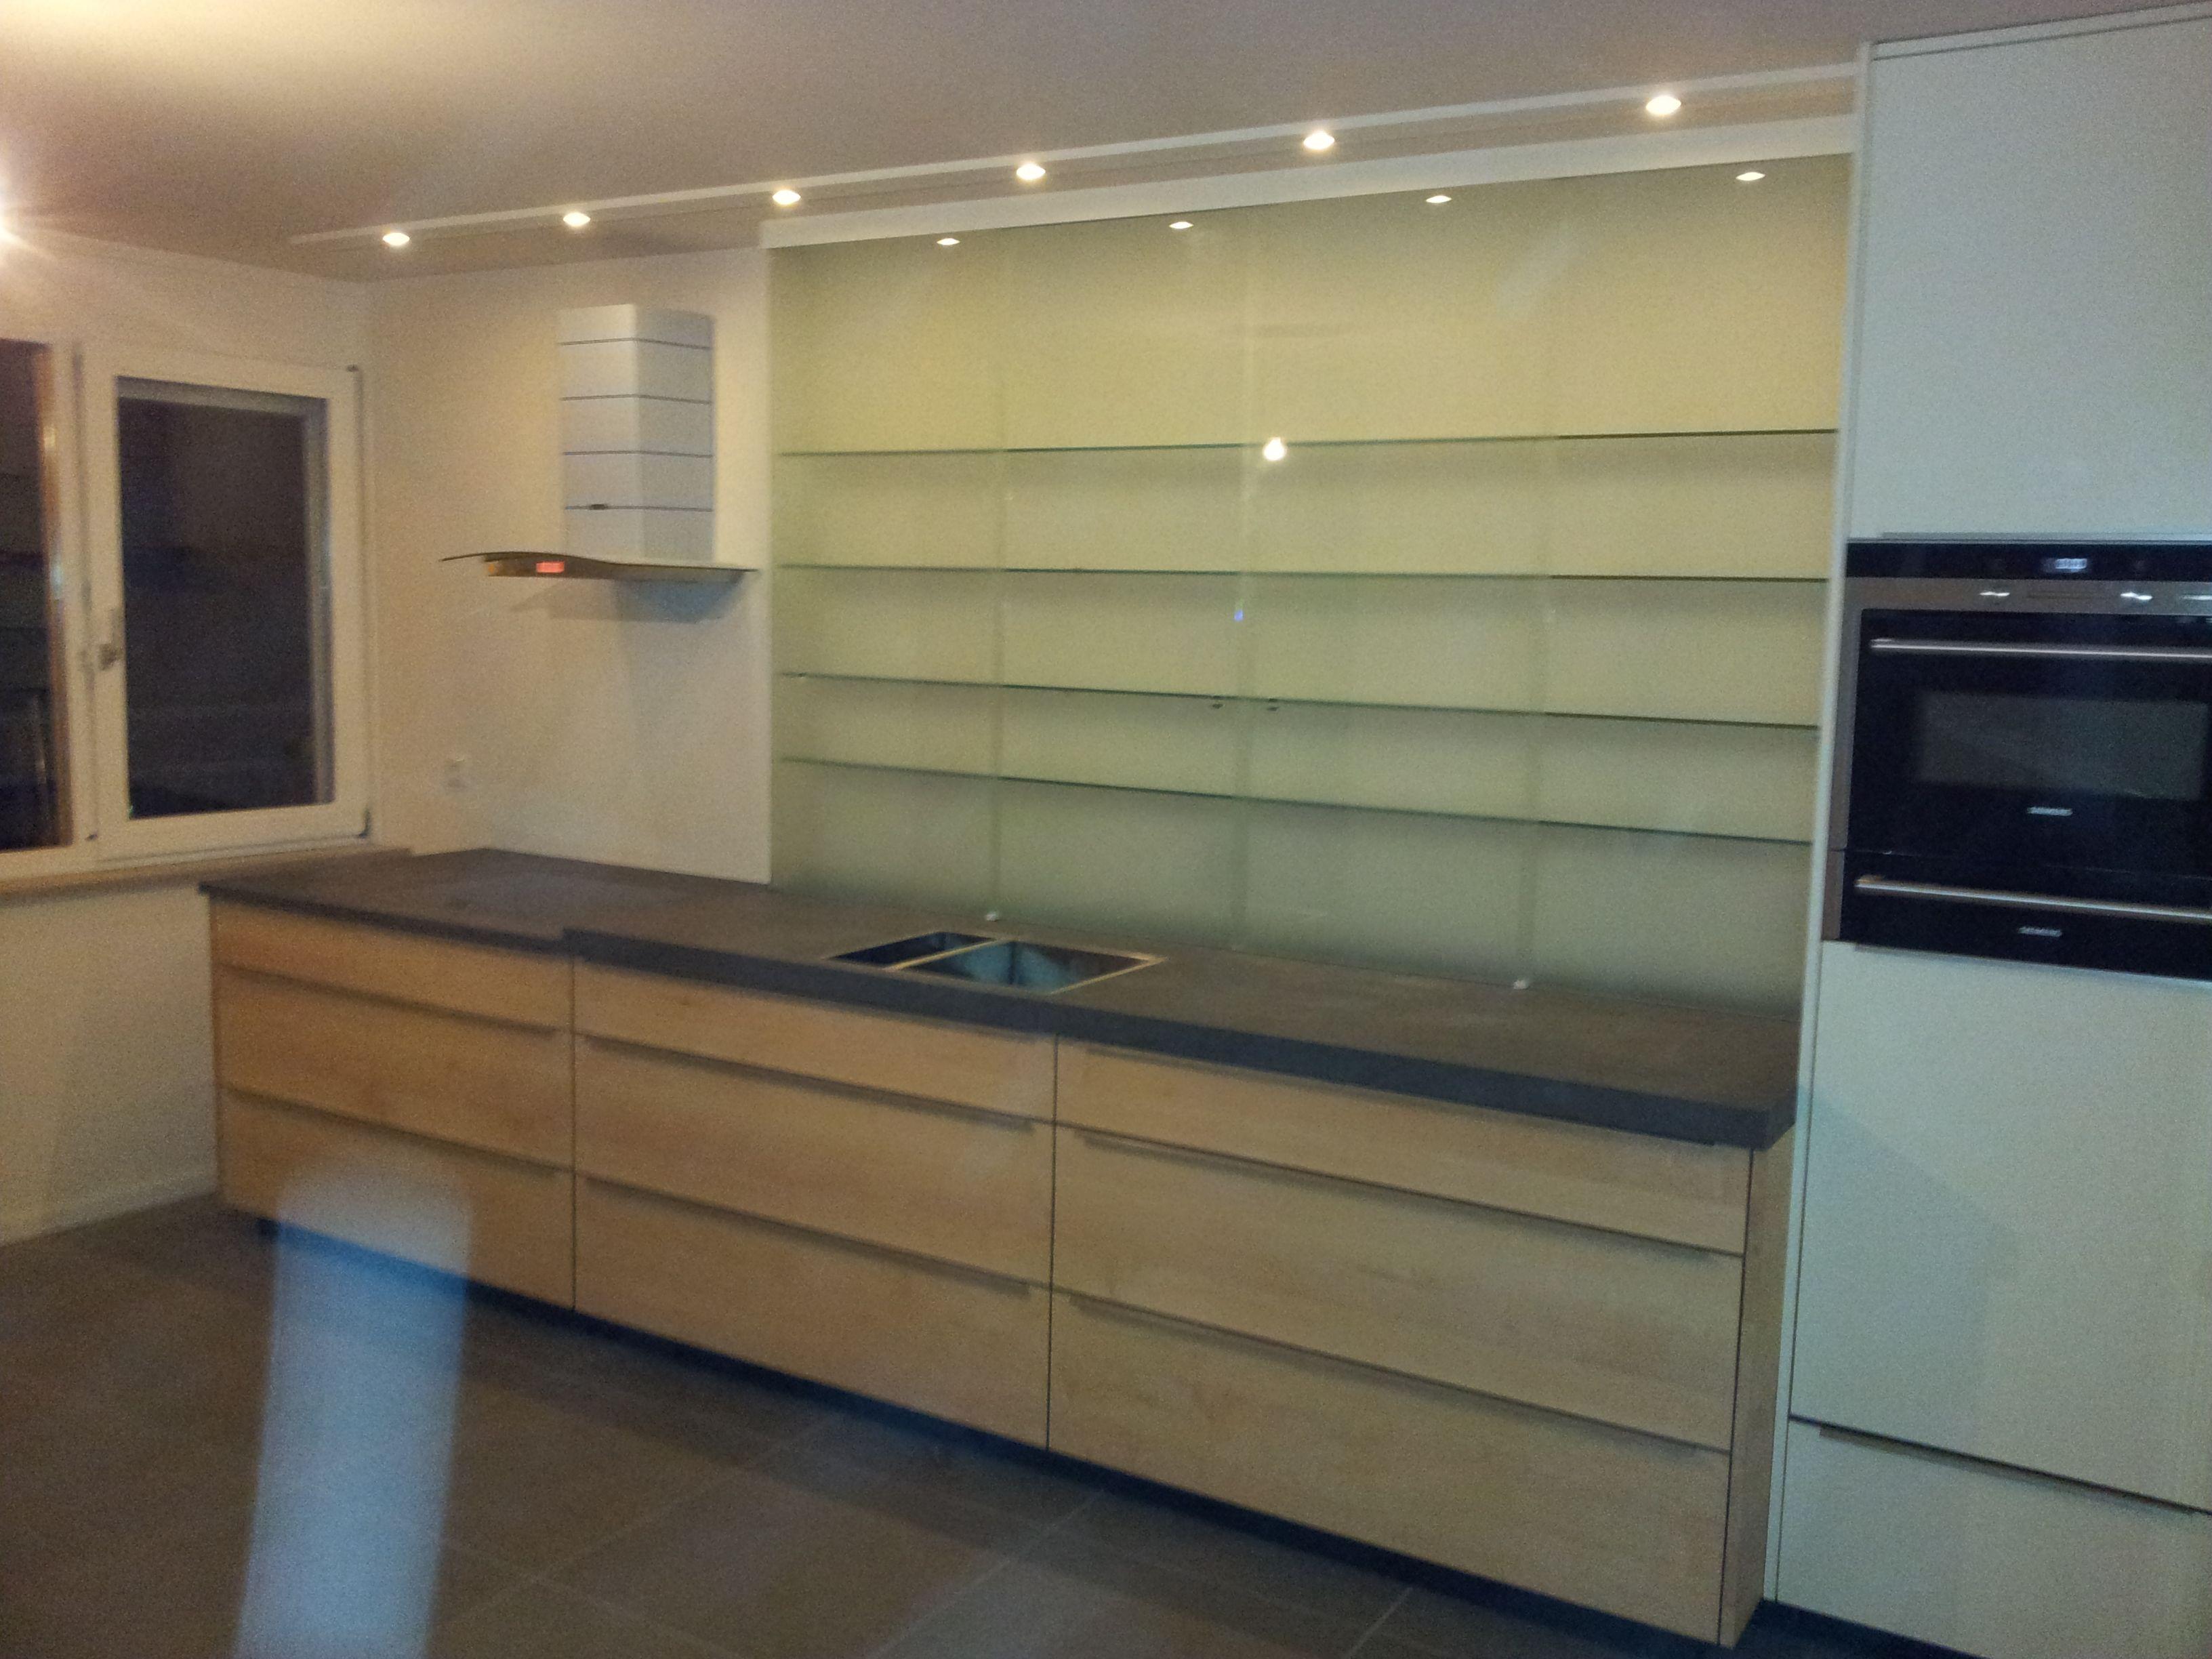 Hoge kledingkast ~ Keuken met esdoorn front keramisch blad en glazen wandkast hoge